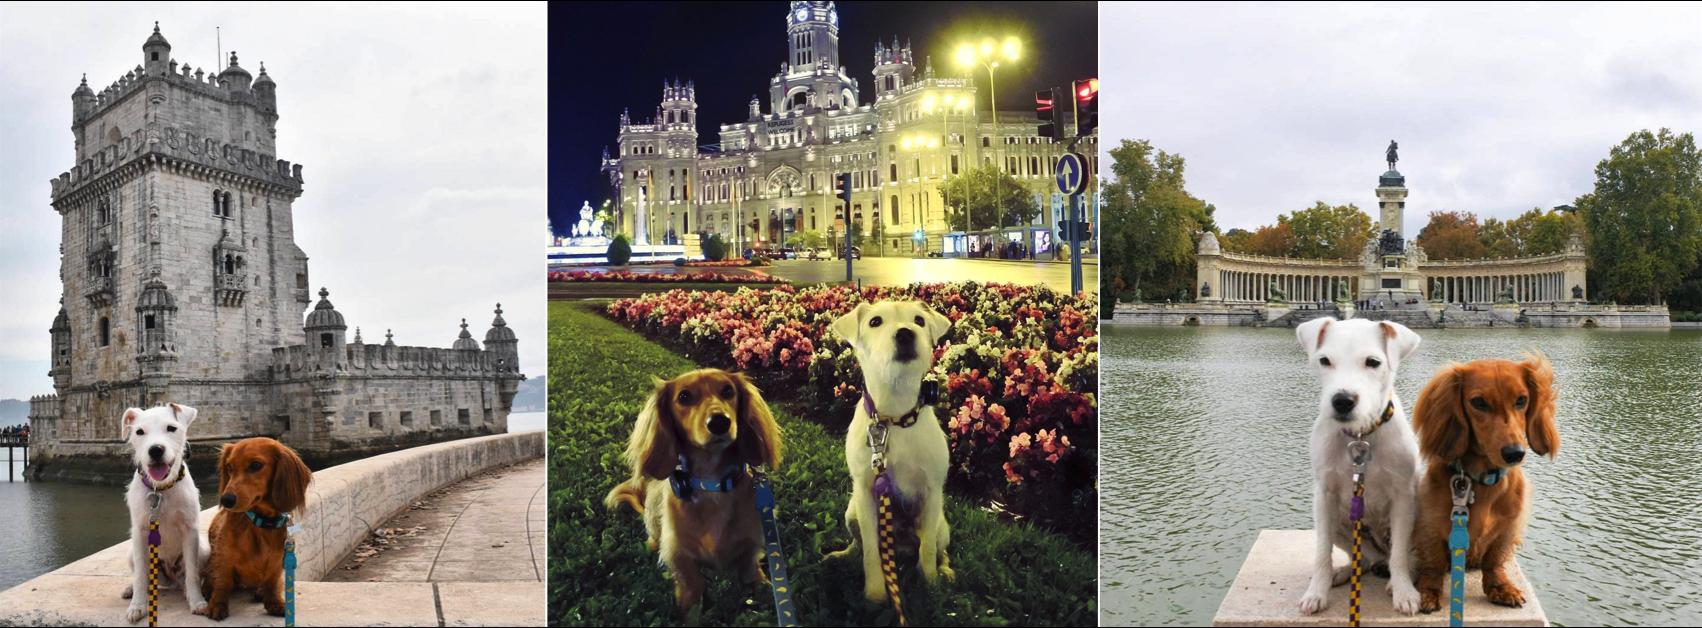 Os cachorrinhos pop's do Instagram, Django e Chloe, em uma viagem pela Europa